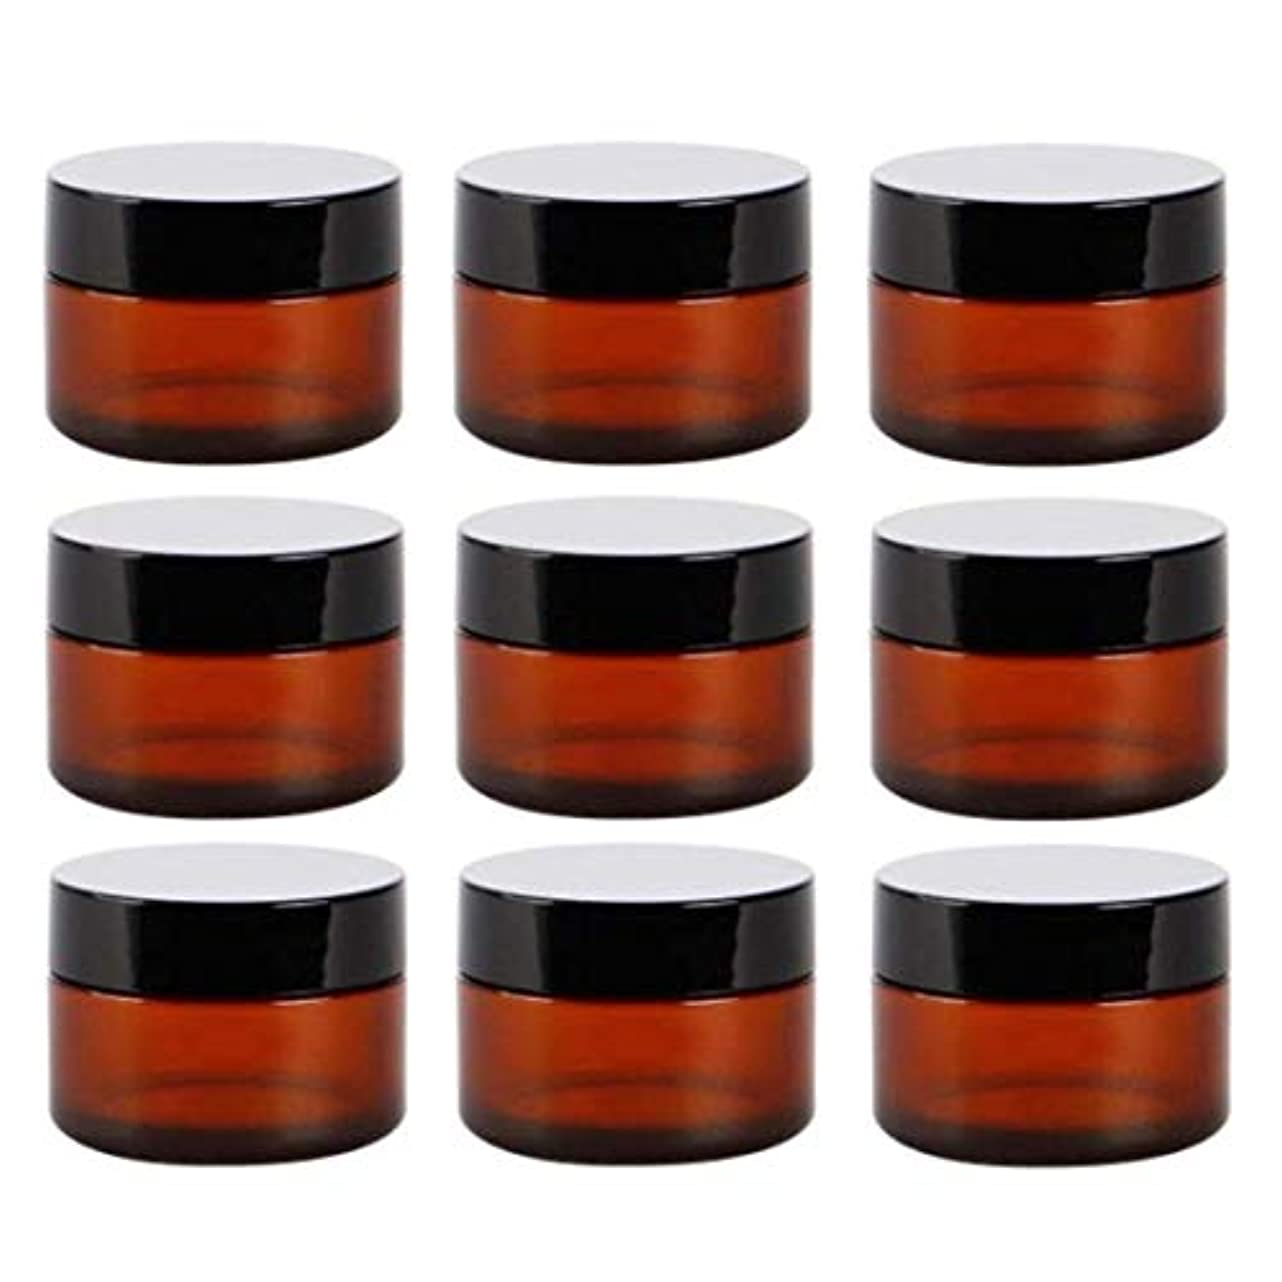 層数学的な神秘スポイト遮光瓶 アロマオイル 9本セット 精油 香水やアロマの保存 小分け用 遮光瓶 保存 詰替え ガラス製 茶色10g